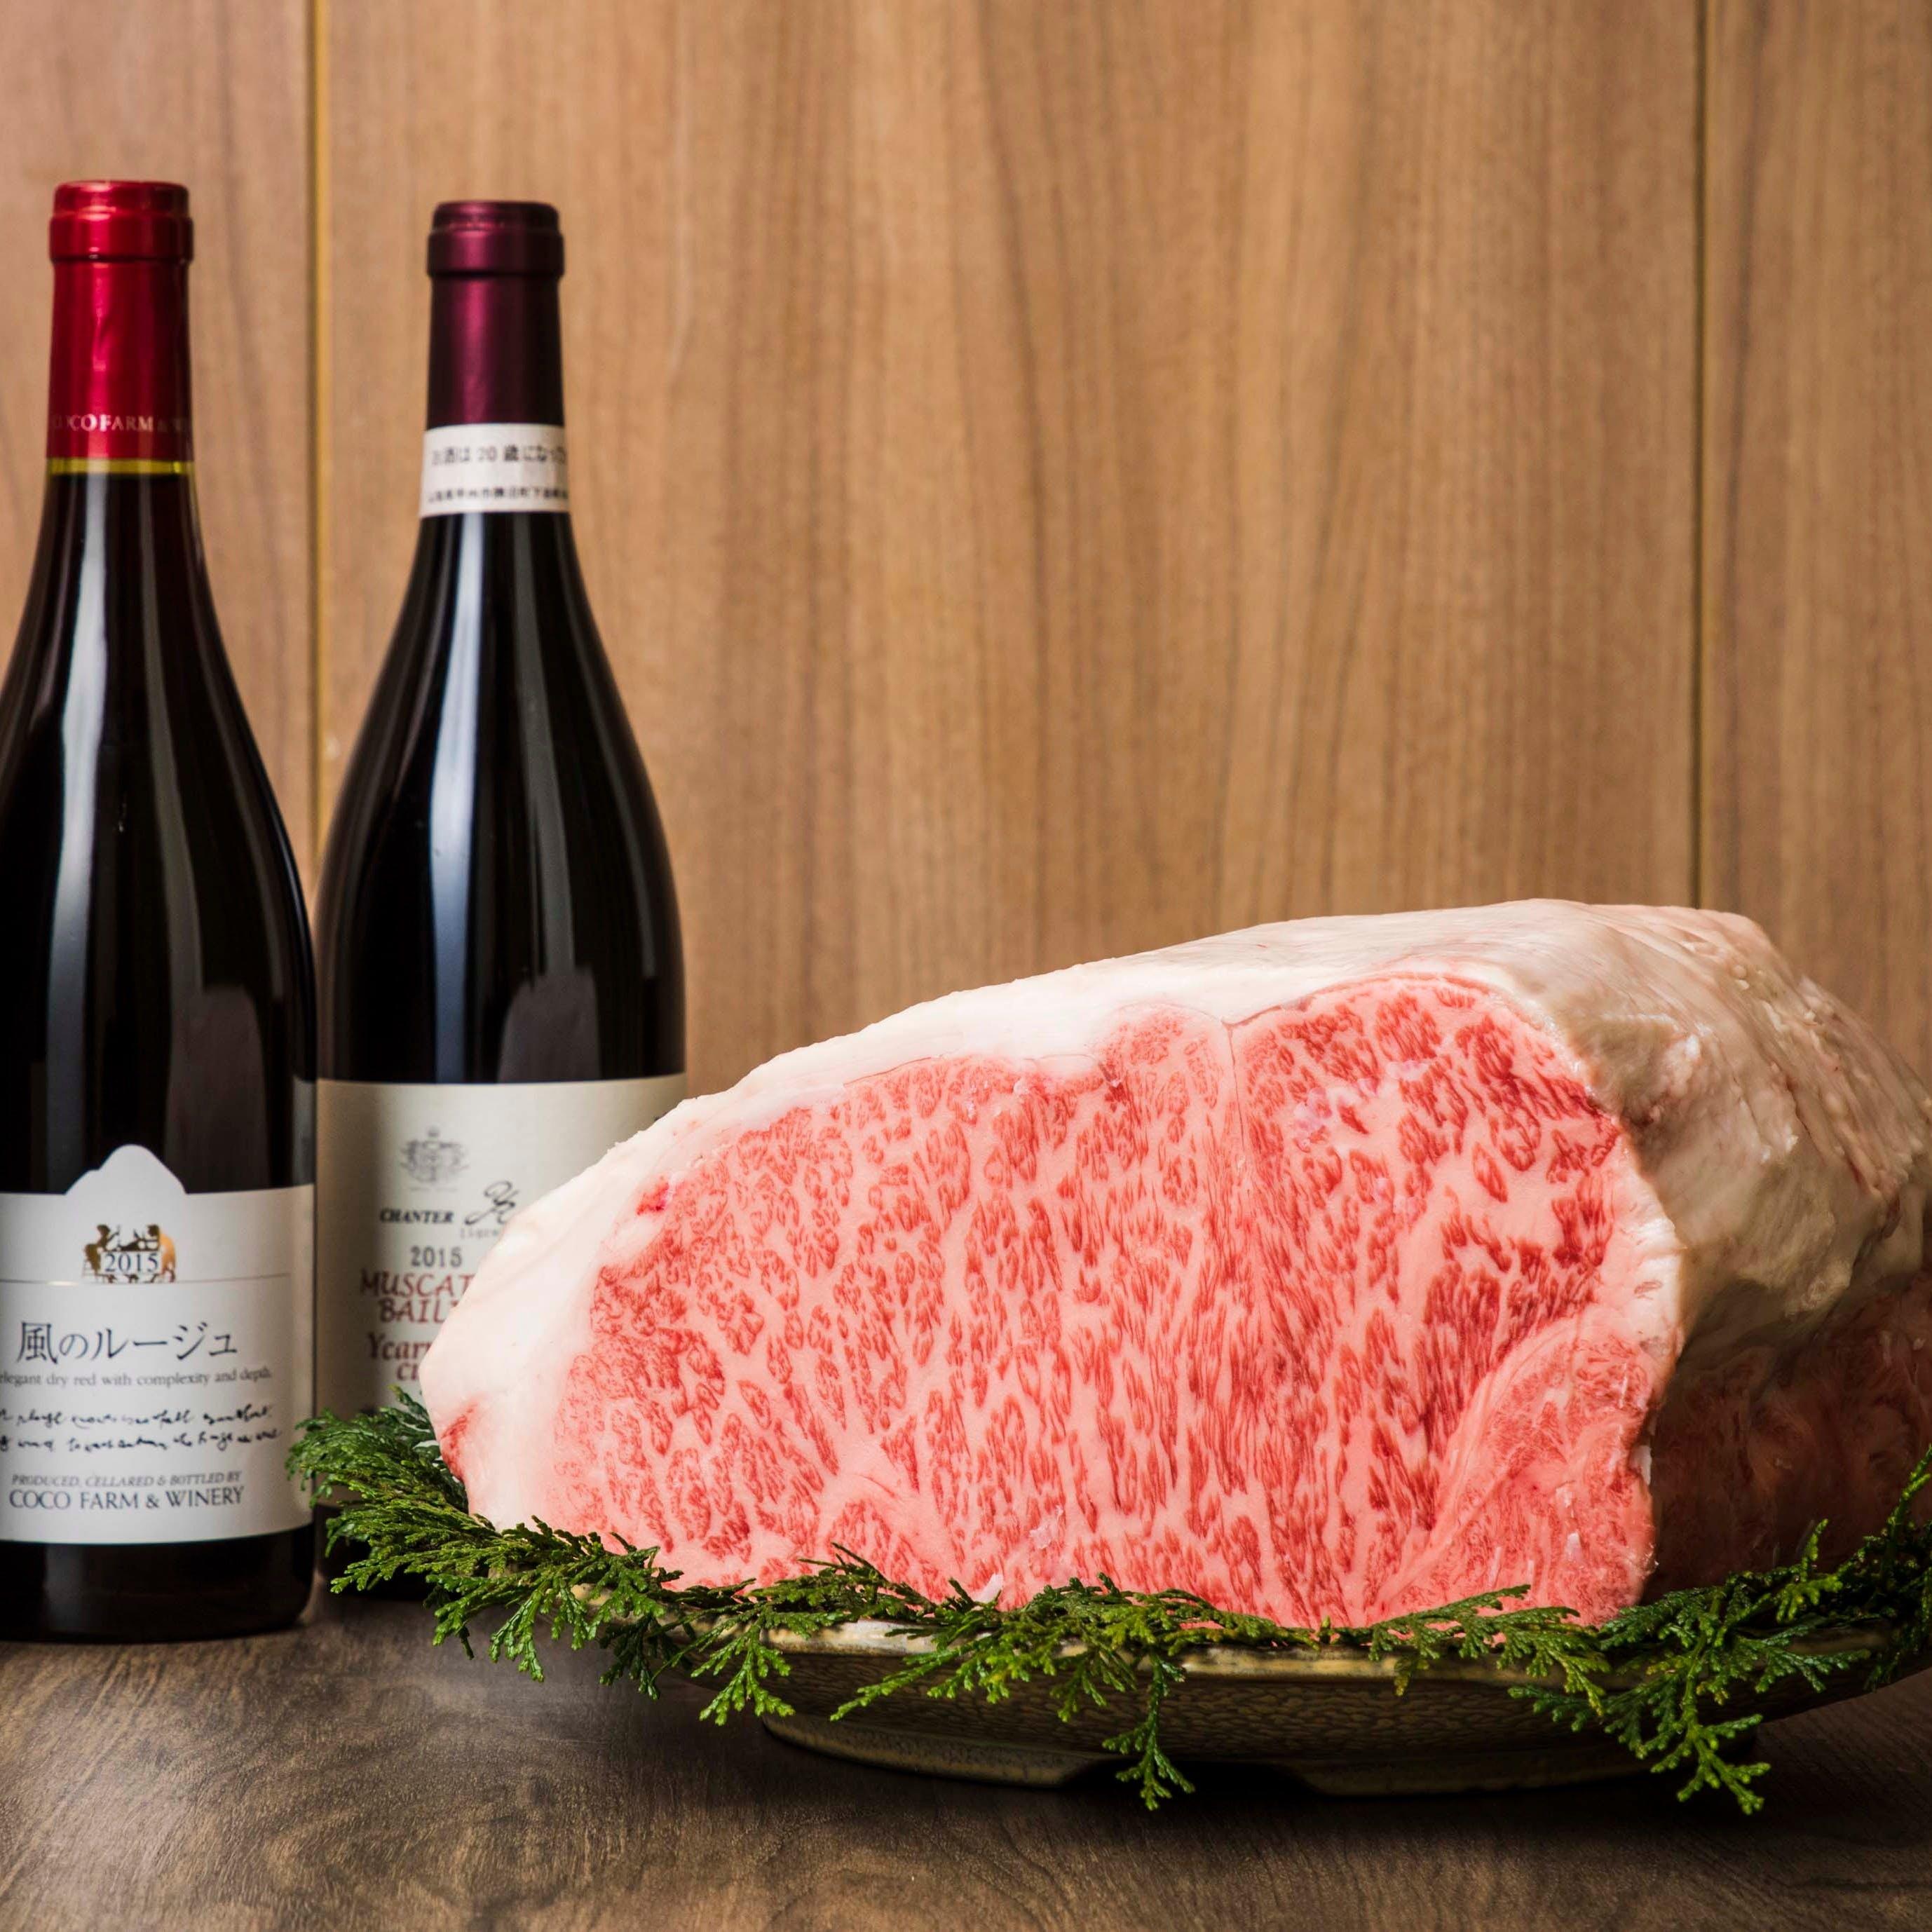 お肉に合わせた美味しいワインを